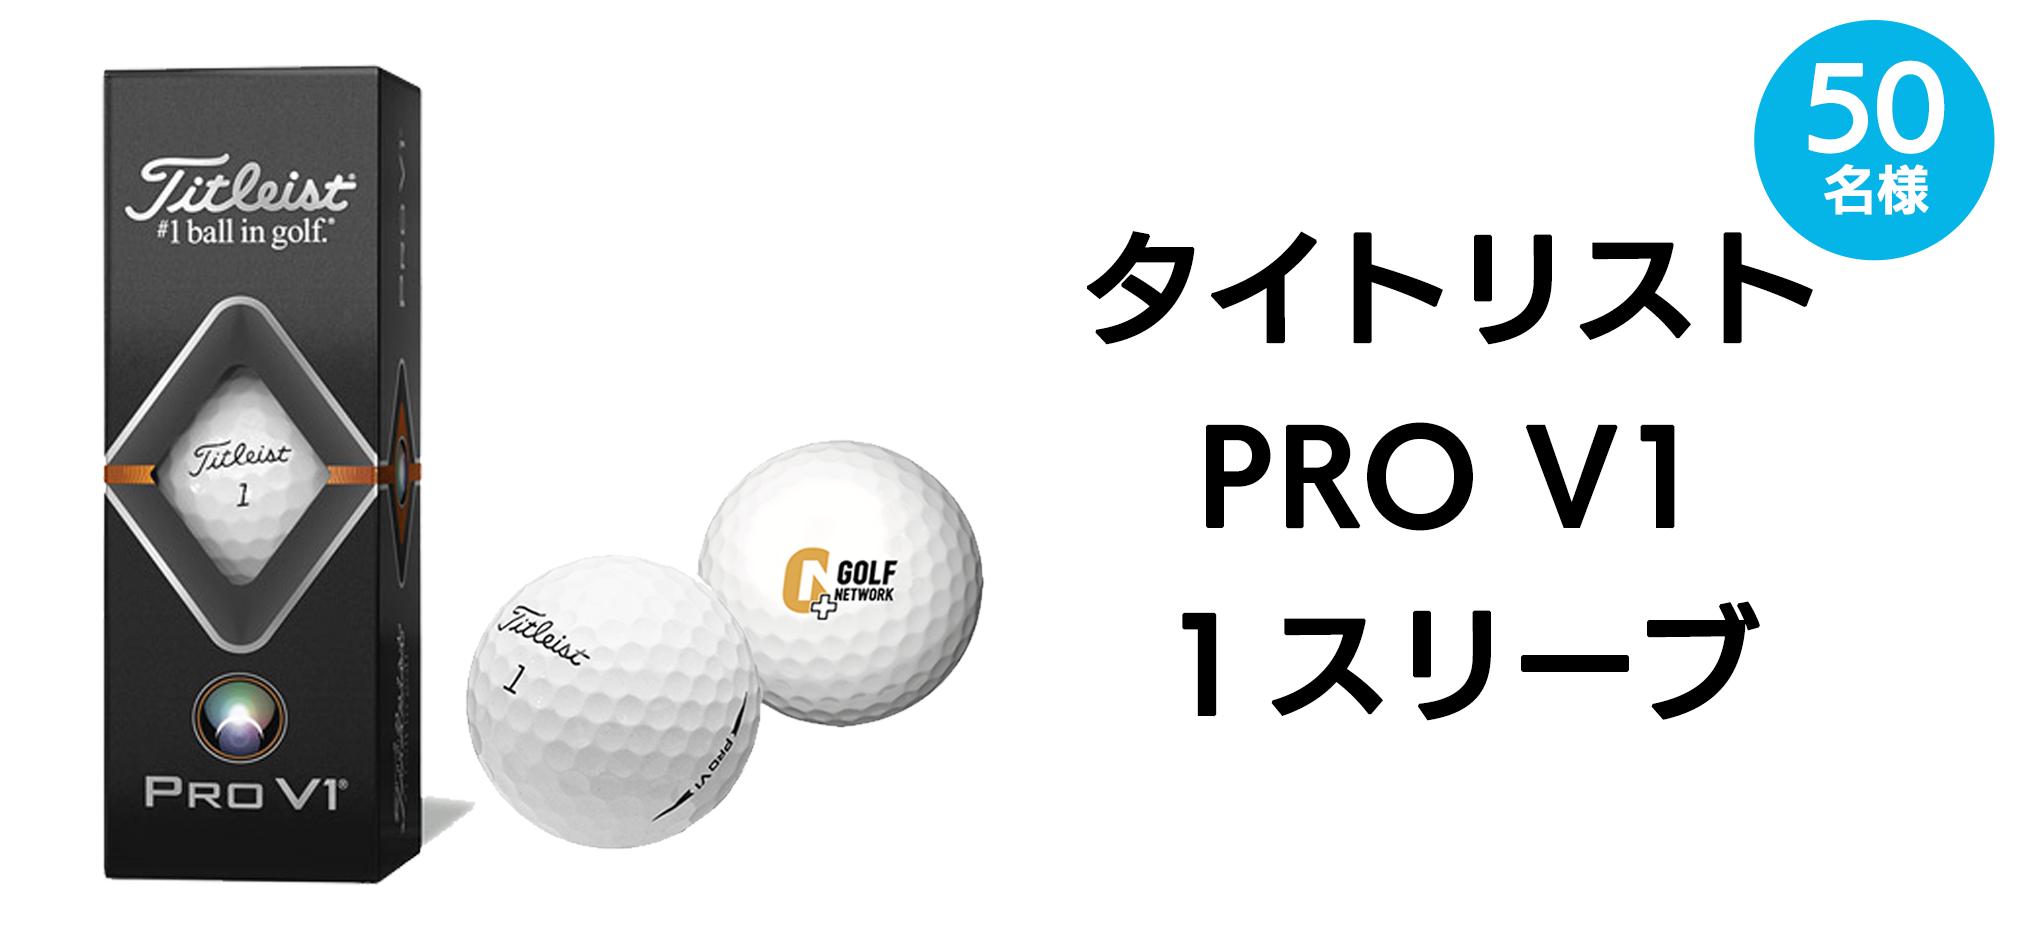 お得な年払コースにご加入するとGN+ロゴ入りボール(タイトリスト PRO V1)1スリーブを抽選で合計50名様にプレゼント!